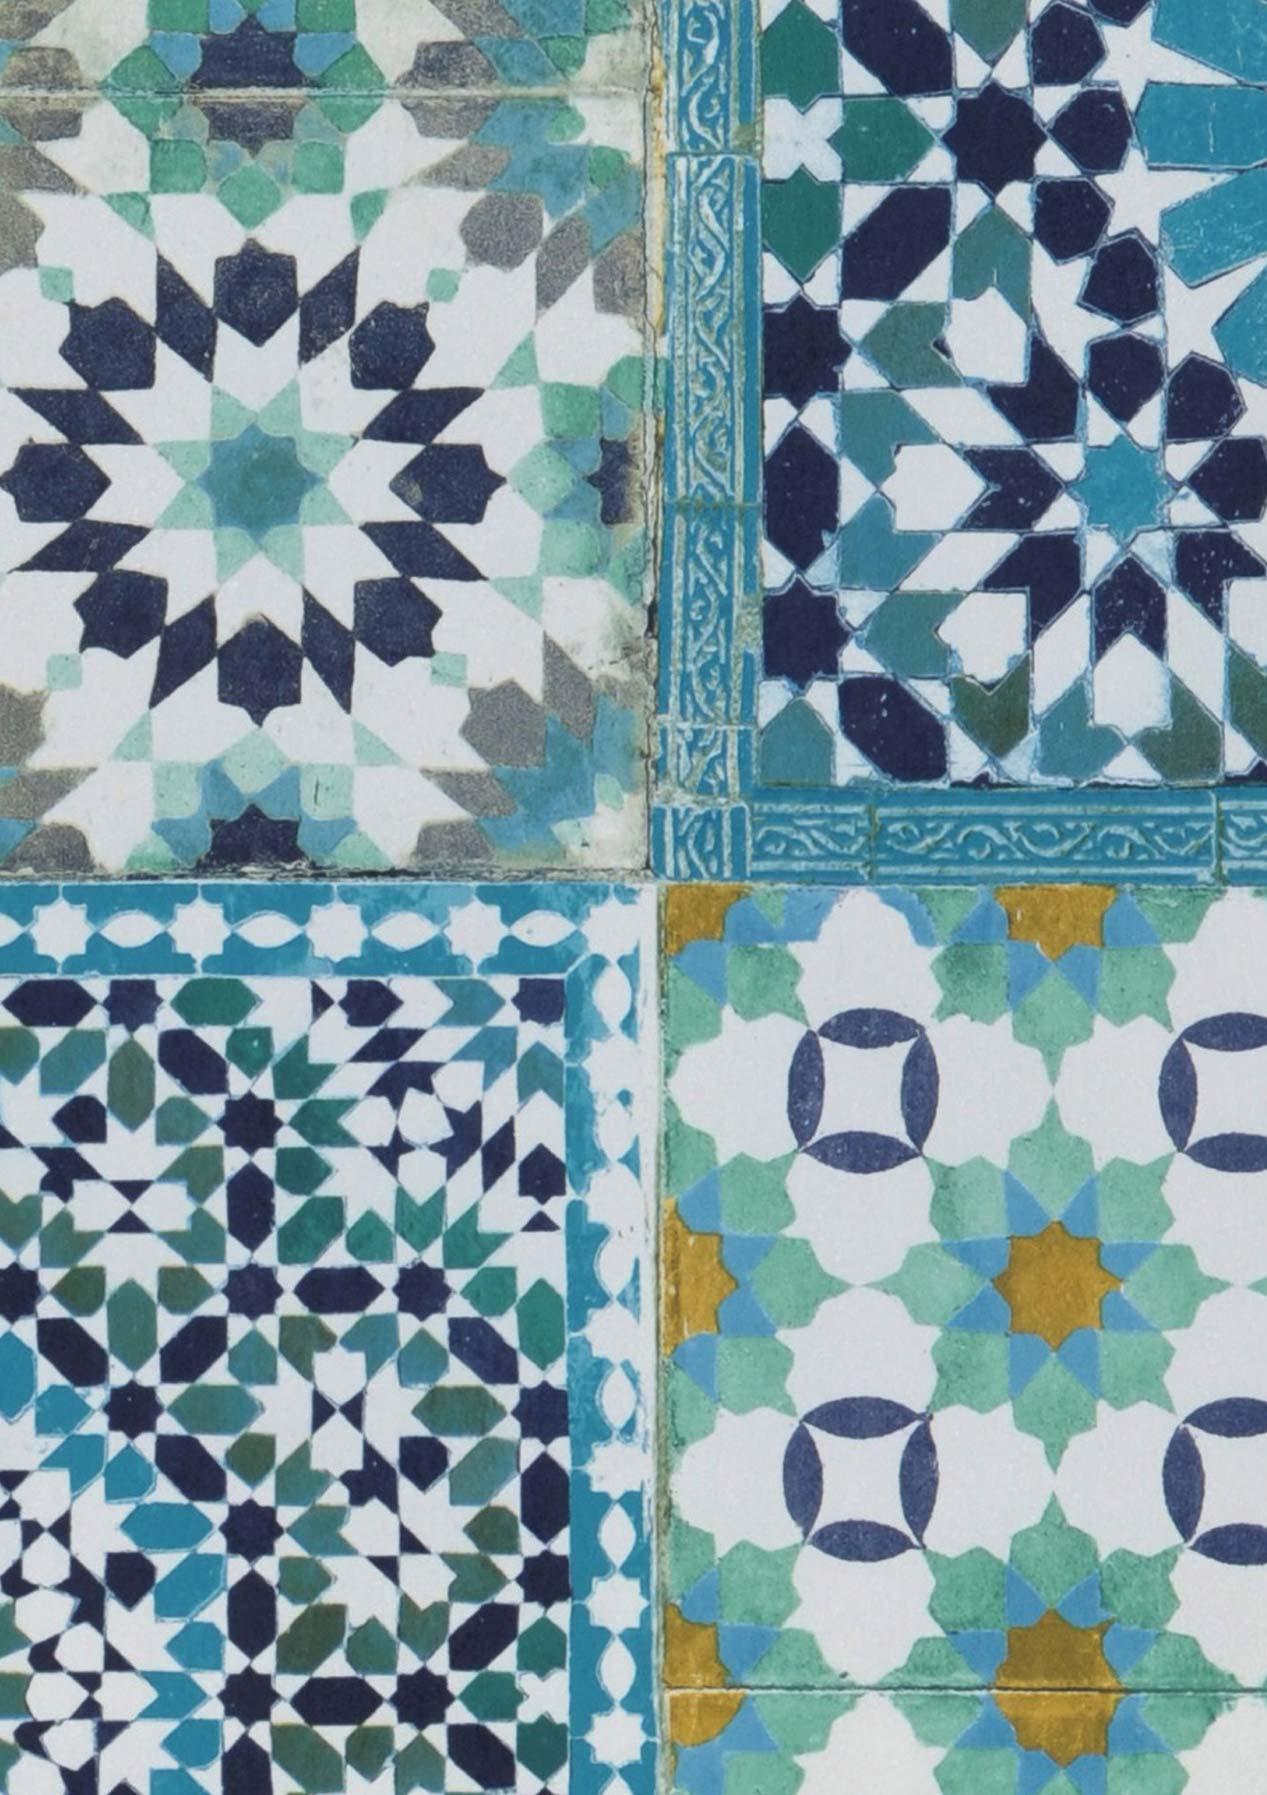 Papel pintado azulejos verde naranja azul acero azul for Papel pintado azul turquesa